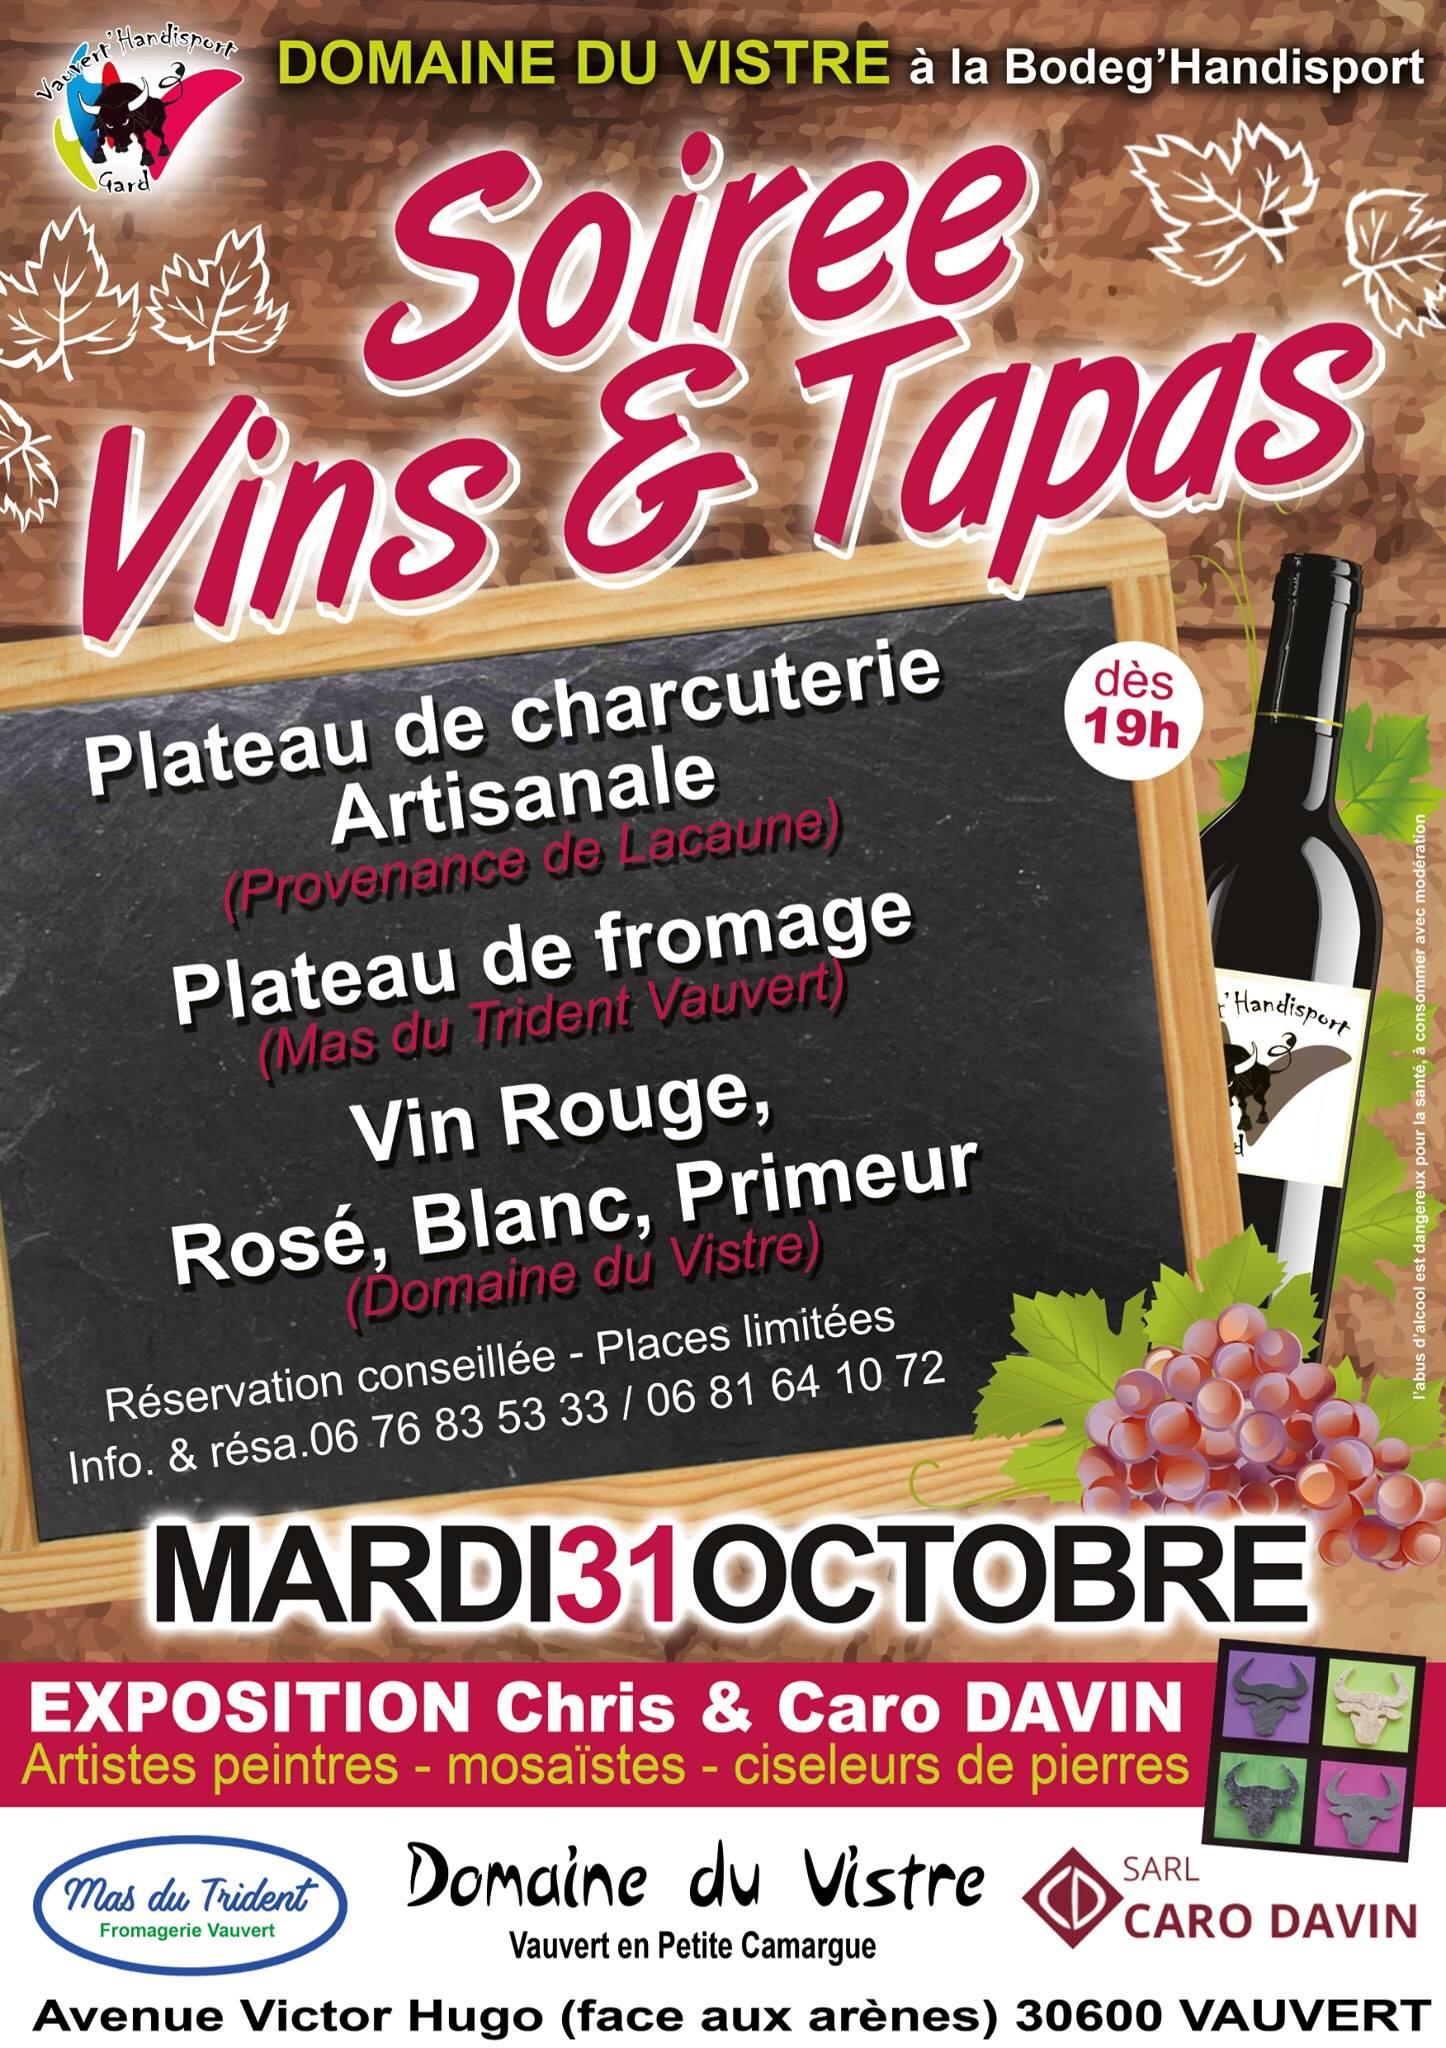 Soirée vins et tapas @ Bodeg'handisport à Vauvert